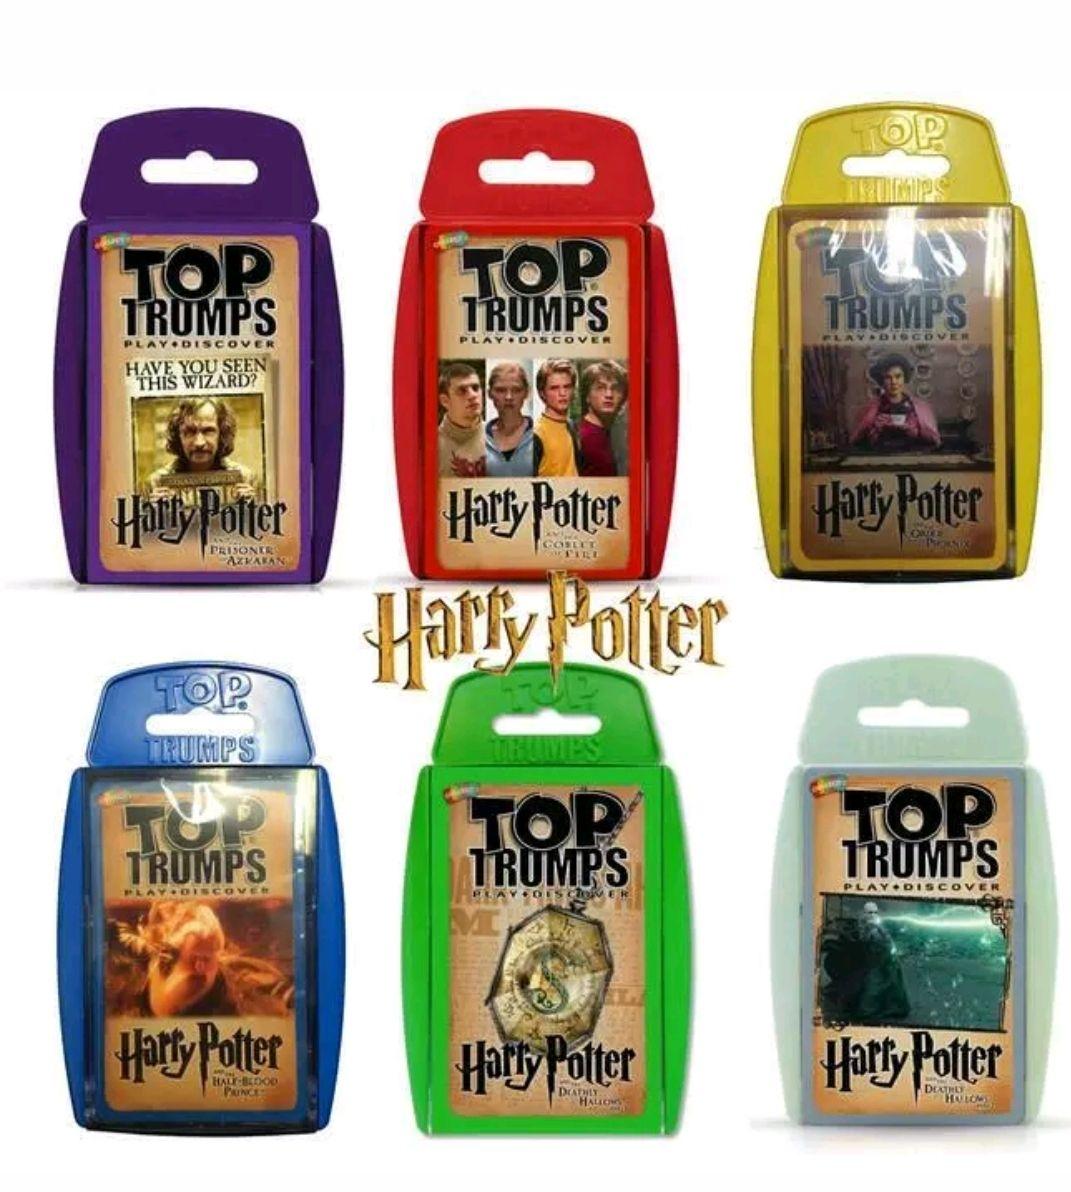 Harry Potter Top Trump Cards  (Instore) £1.79 @ Aldi